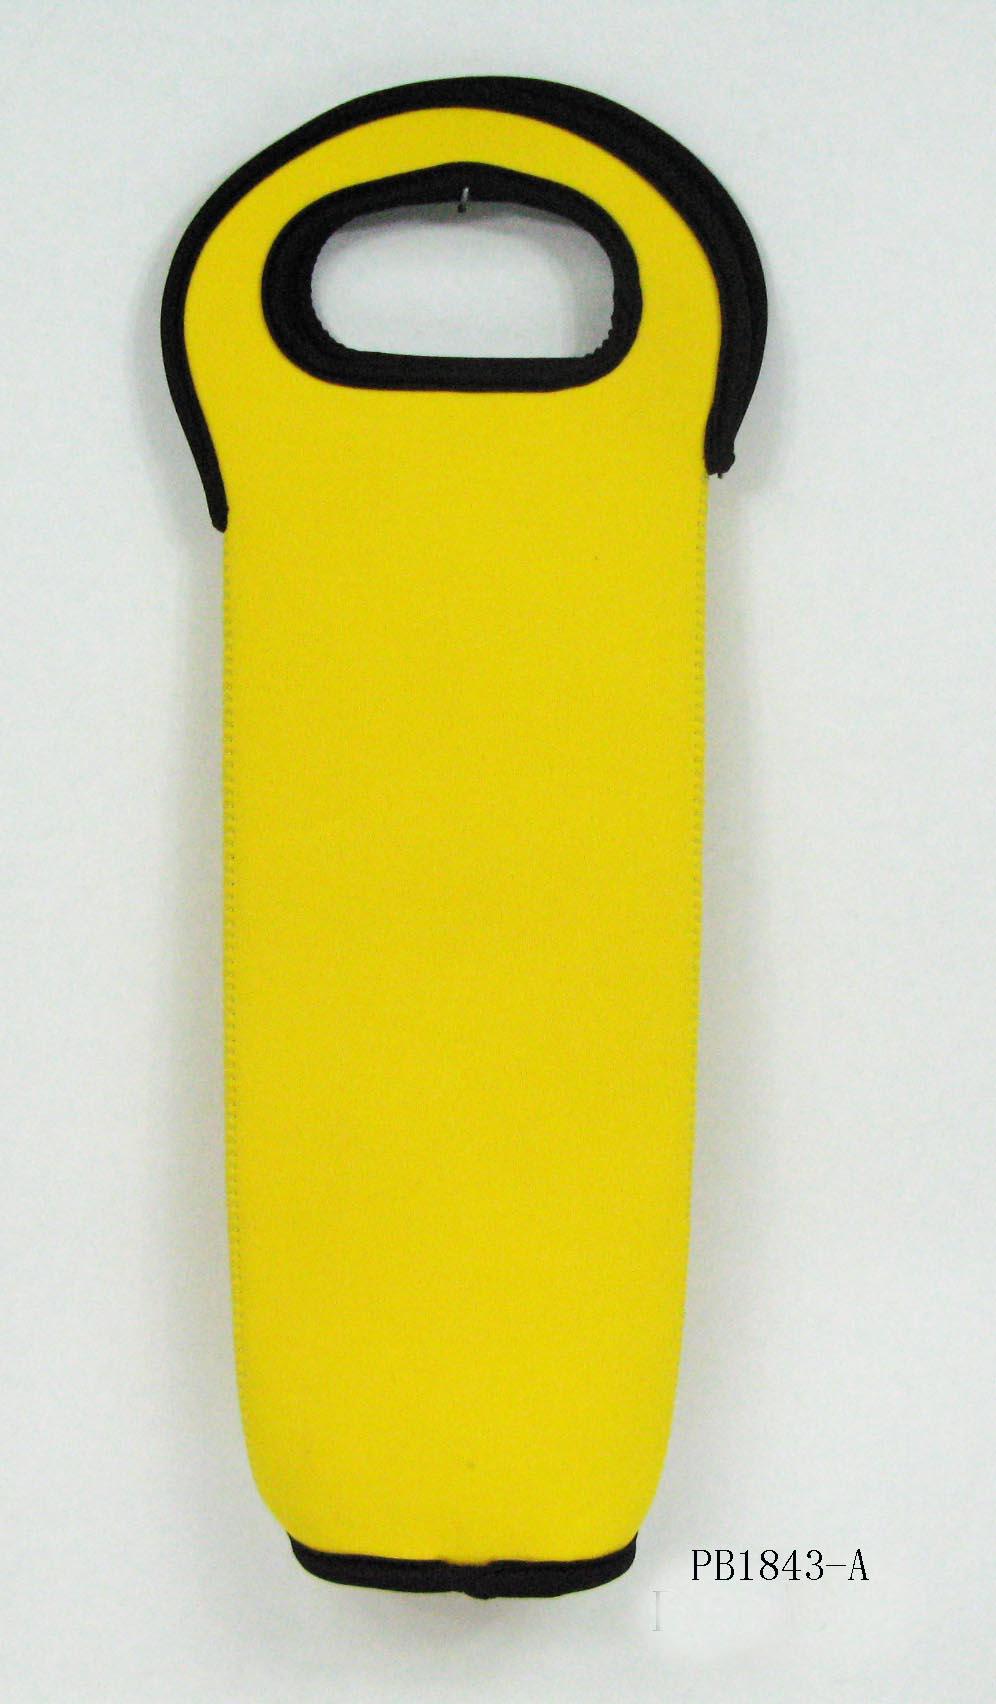 PB1843-B